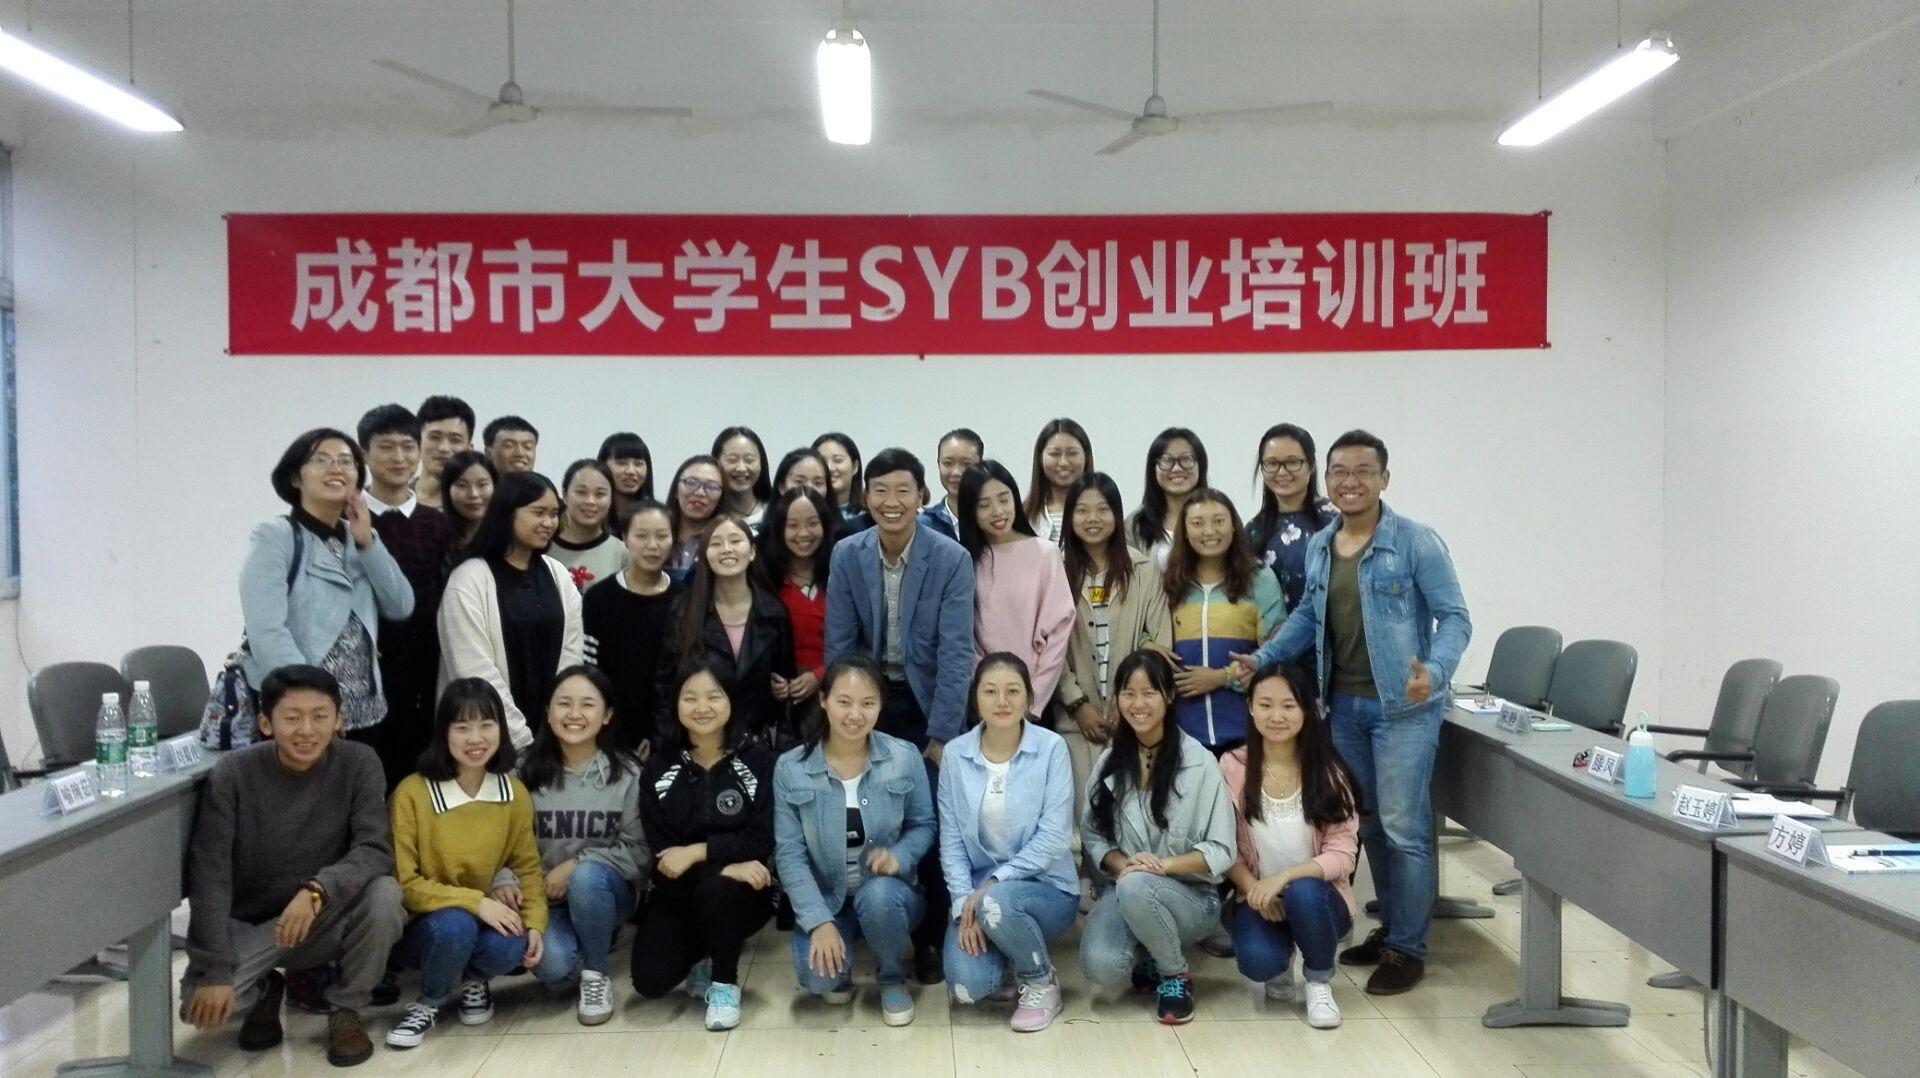 四川长江职业学院2016年10月SYB培训班